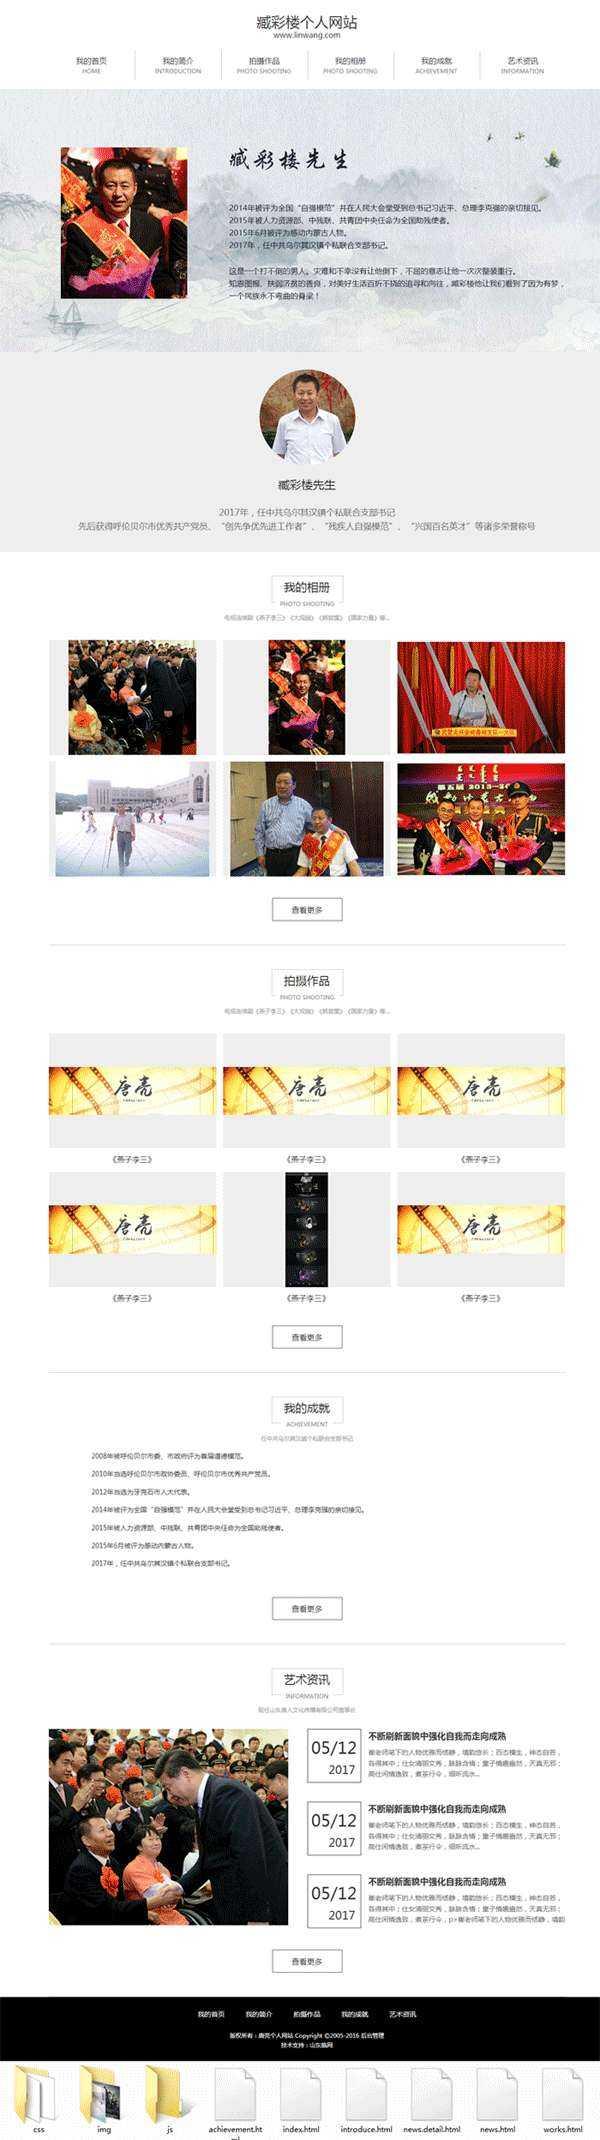 简单通用的个人艺术作品展示网站模板